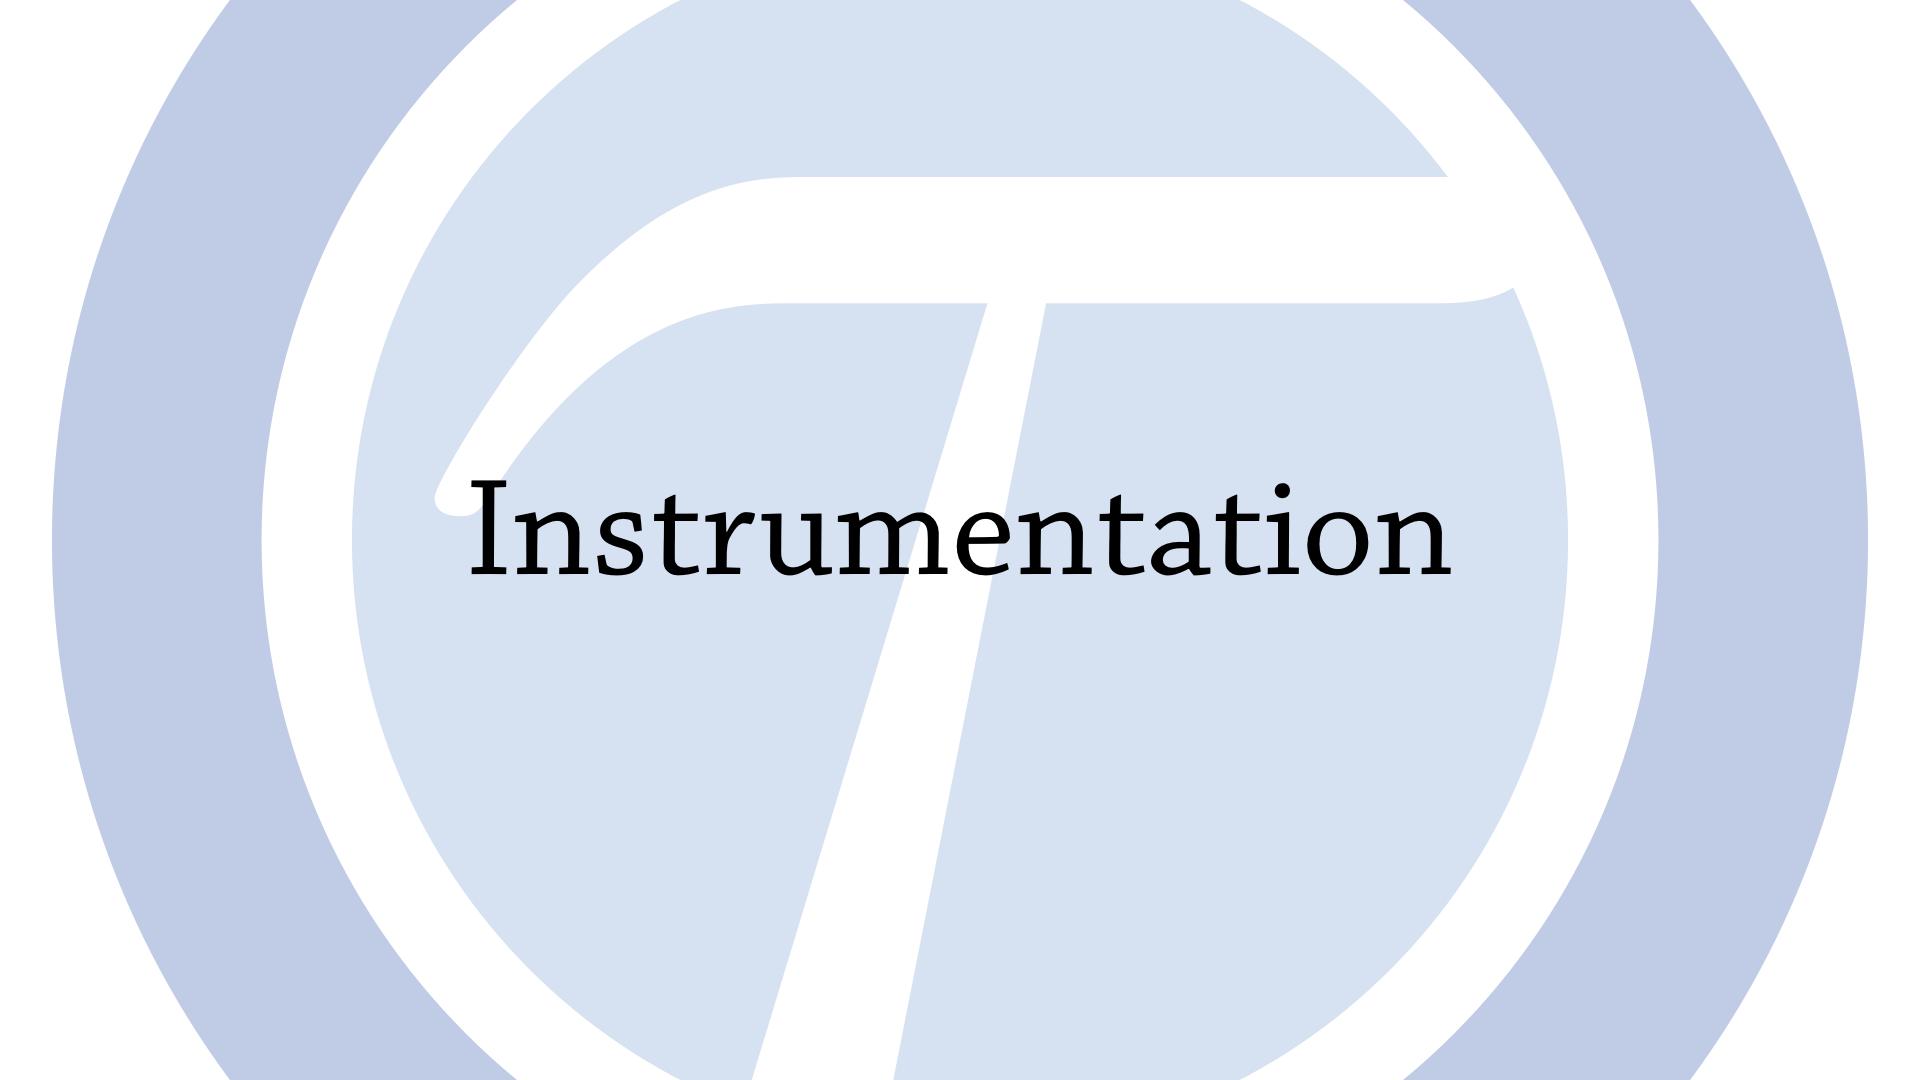 Instrumenation